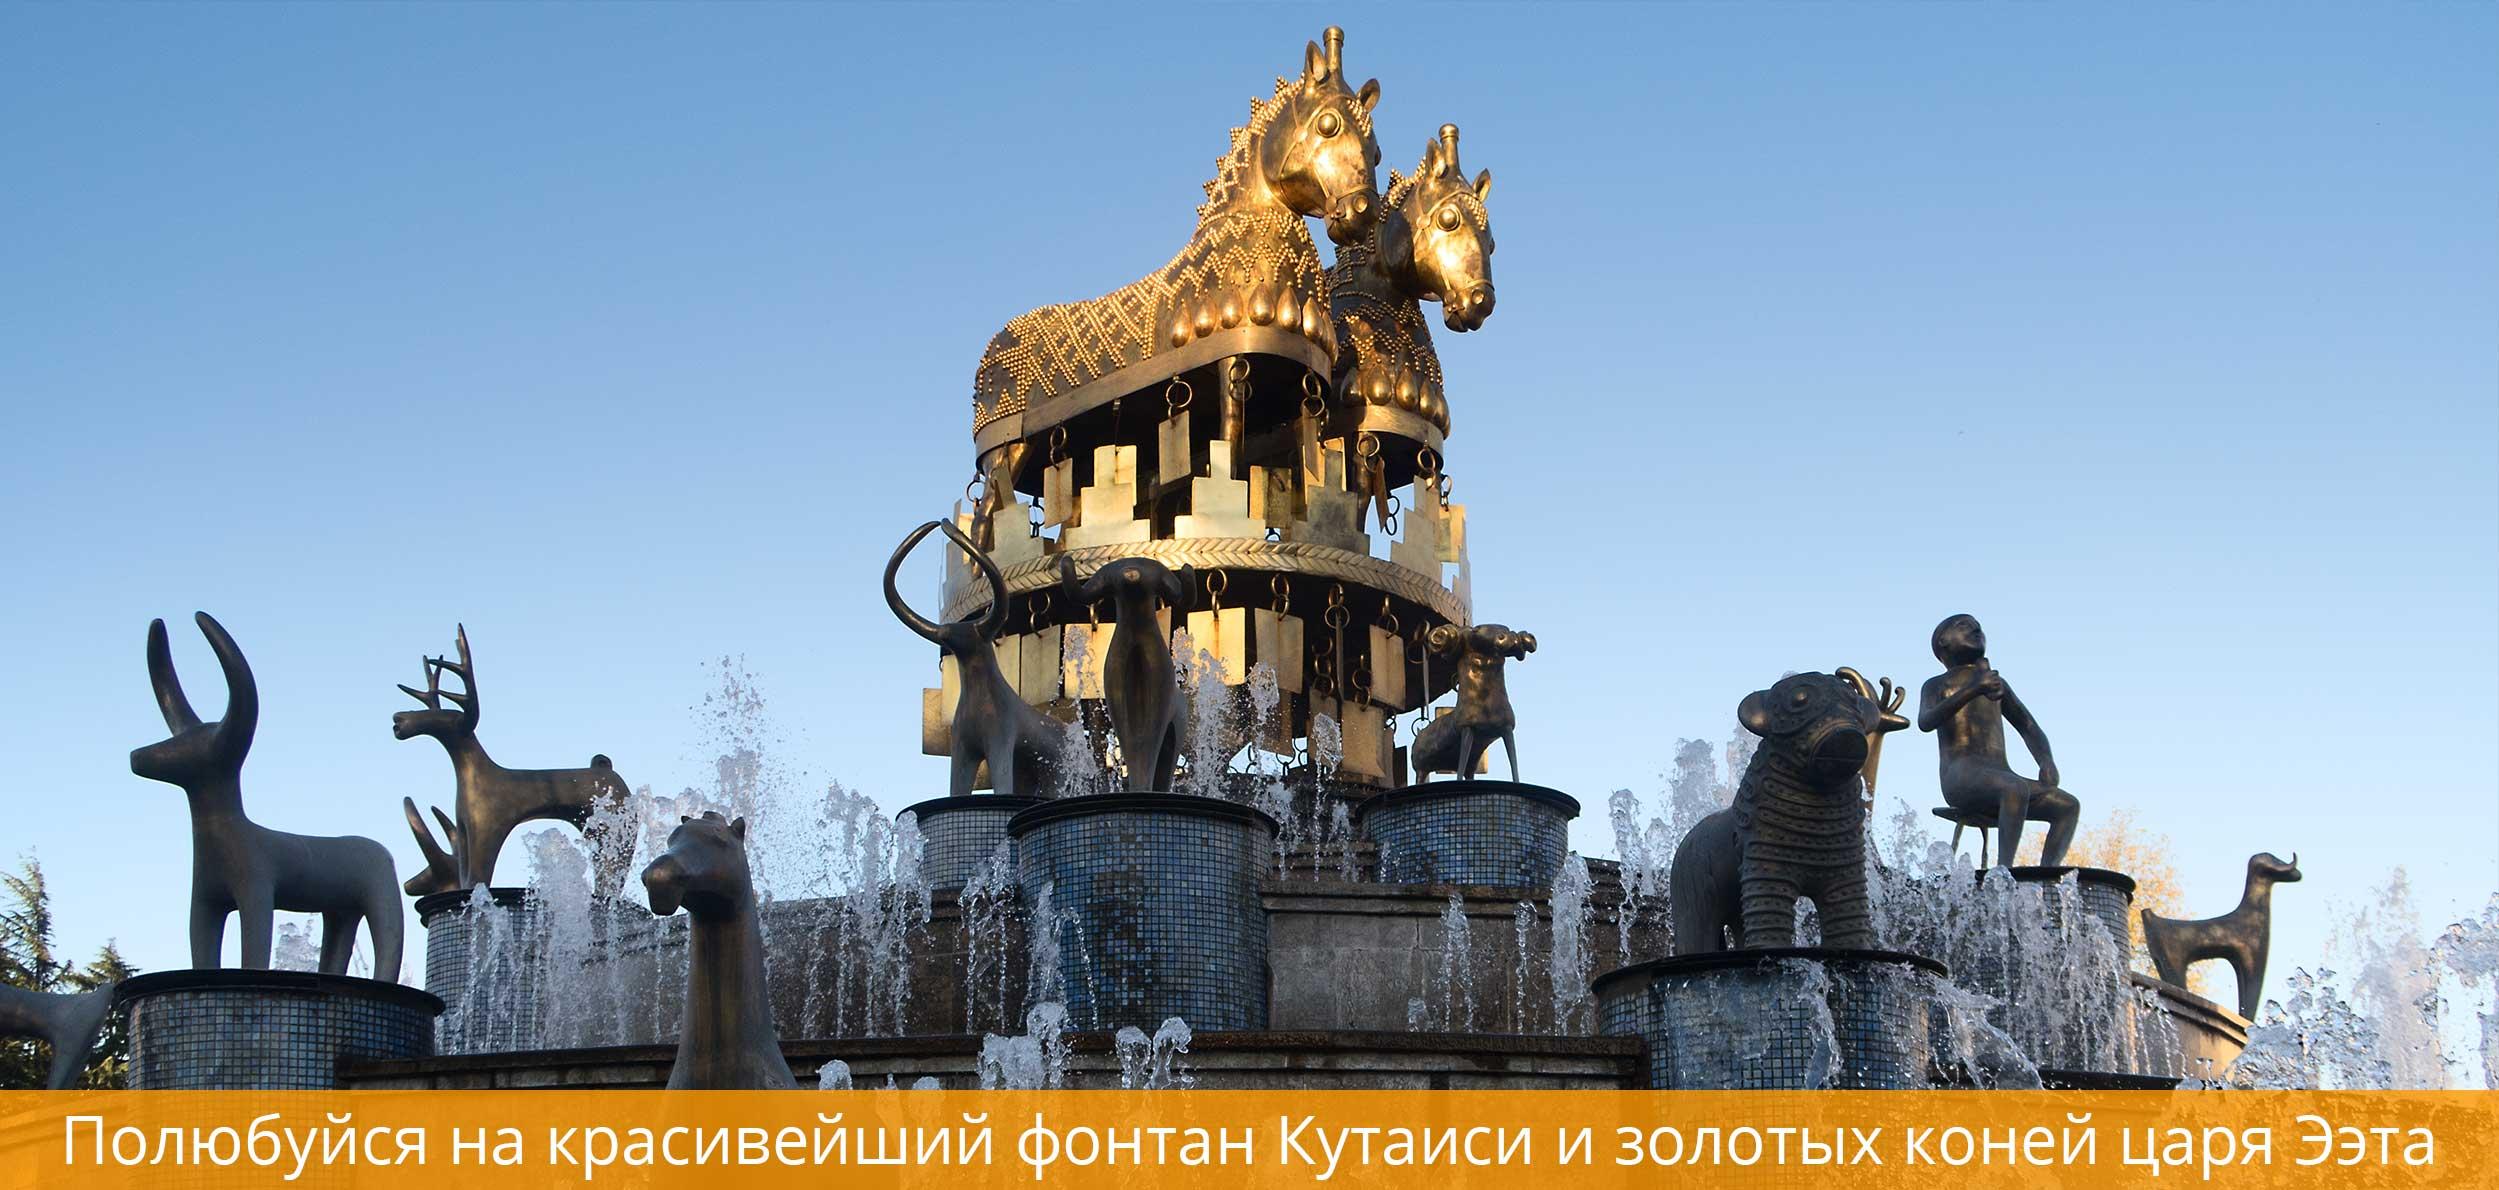 Площадь Давида Агмашенебели и Колхидский фонтан